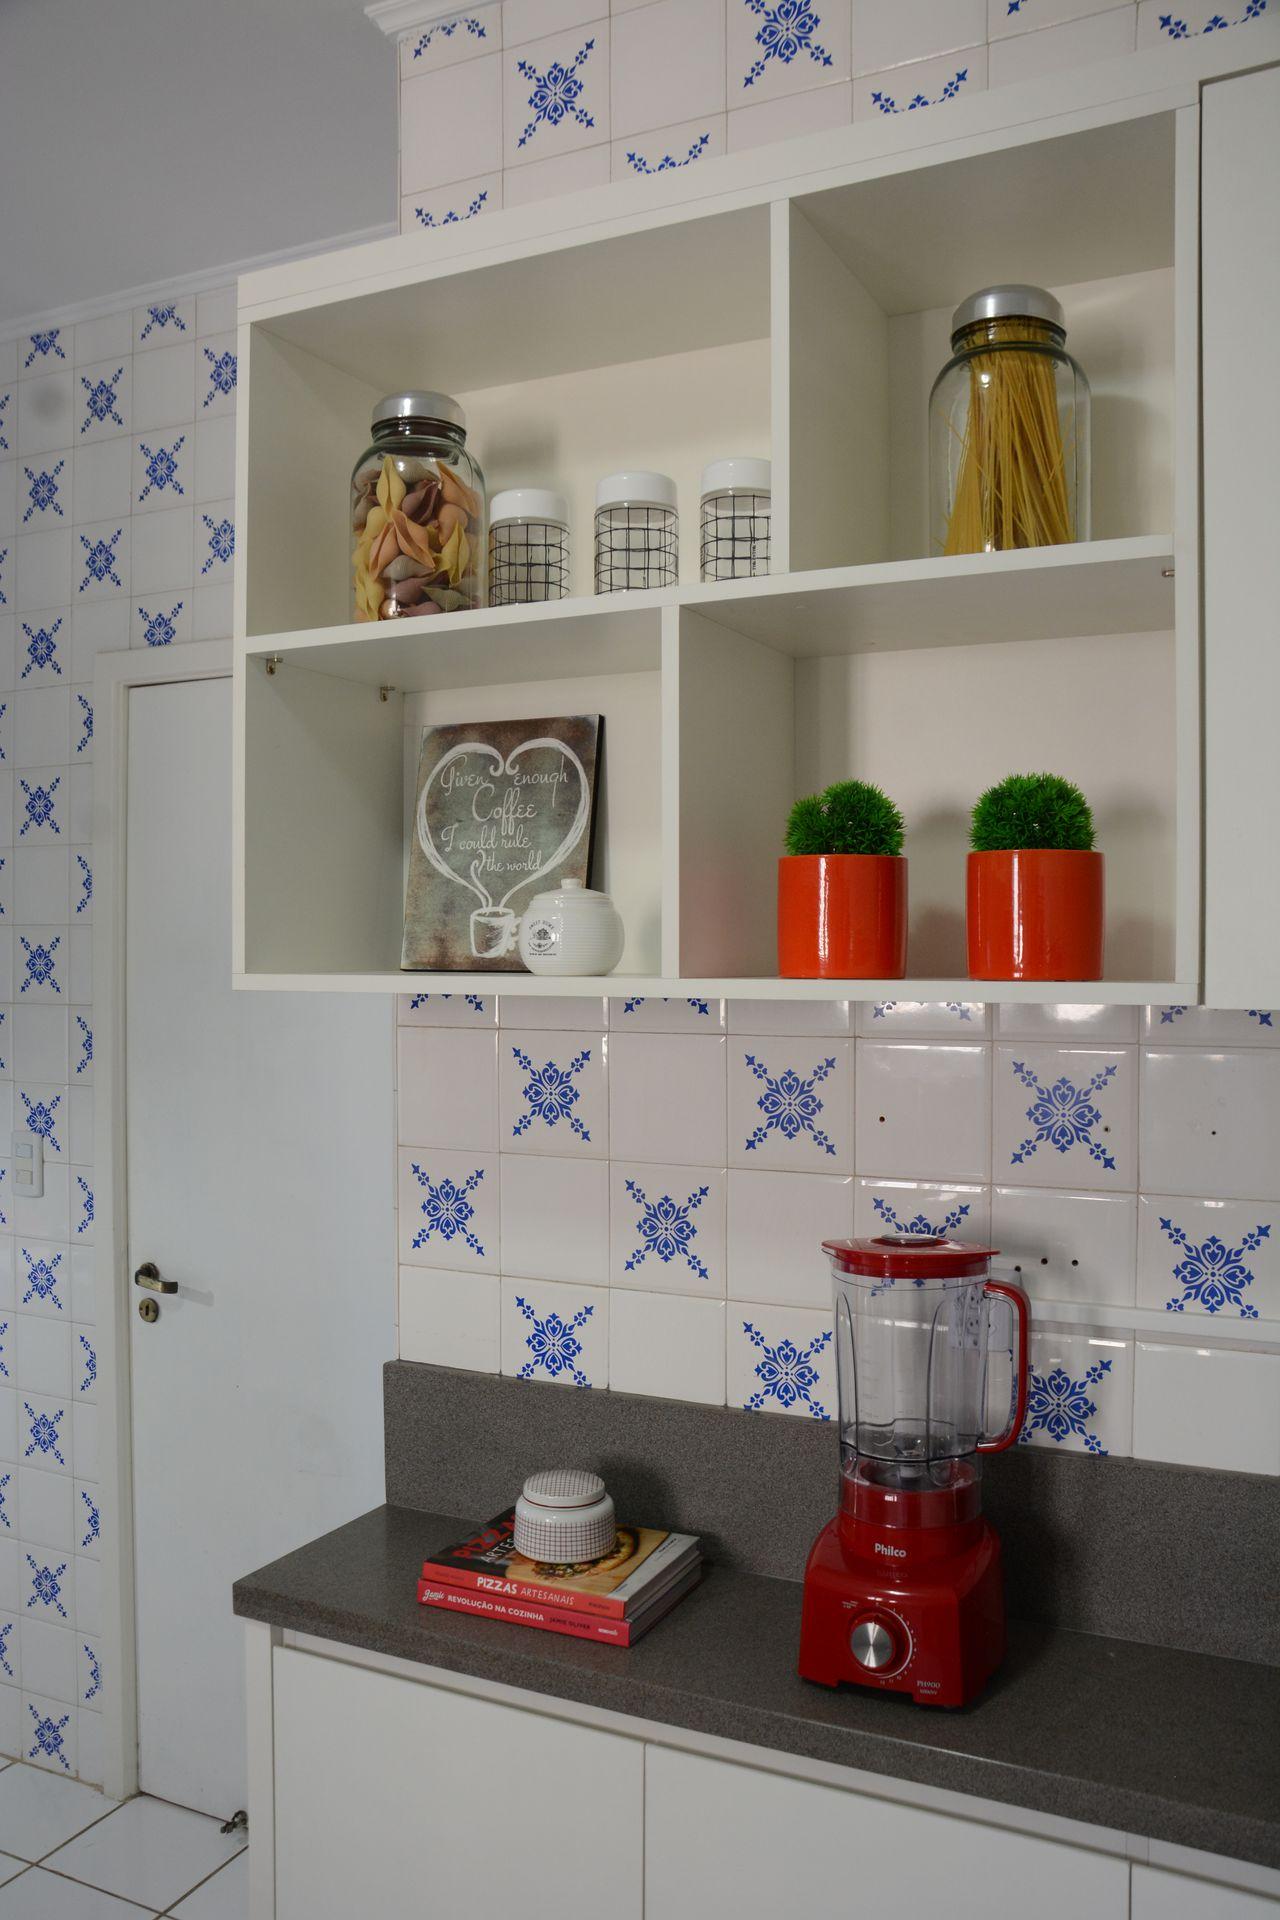 Nichos Decorativos Na Cozinha De Nathalia Bilibio 143221 No Viva